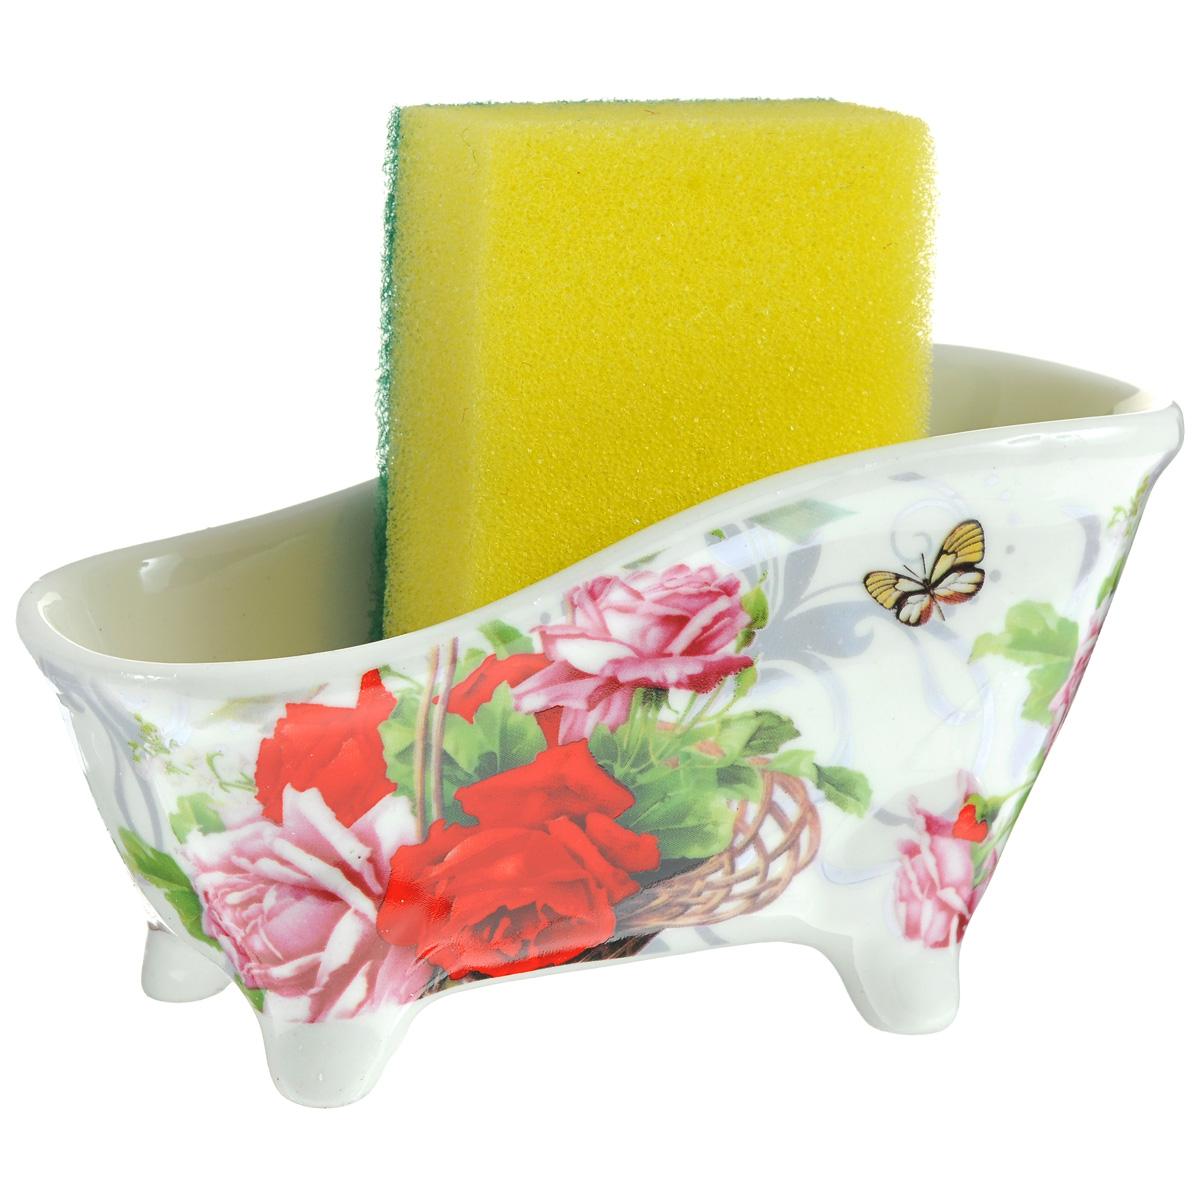 Набор для мытья посуды Besko Корзина роз, 2 предмета. 532-156532-156Набор для мытья посуды Besko Корзина роз состоит из подставки и губки. Подставка выполнена из фарфора в виде ванночки на четырех ножках. Губка идеально впитывает влагу и деликатно очищает поверхность, не царапая ее. Размер подставки: 14,5 см х 6 см х 7,5 см. Размер губки: 9 см х 6 см х 3 см.